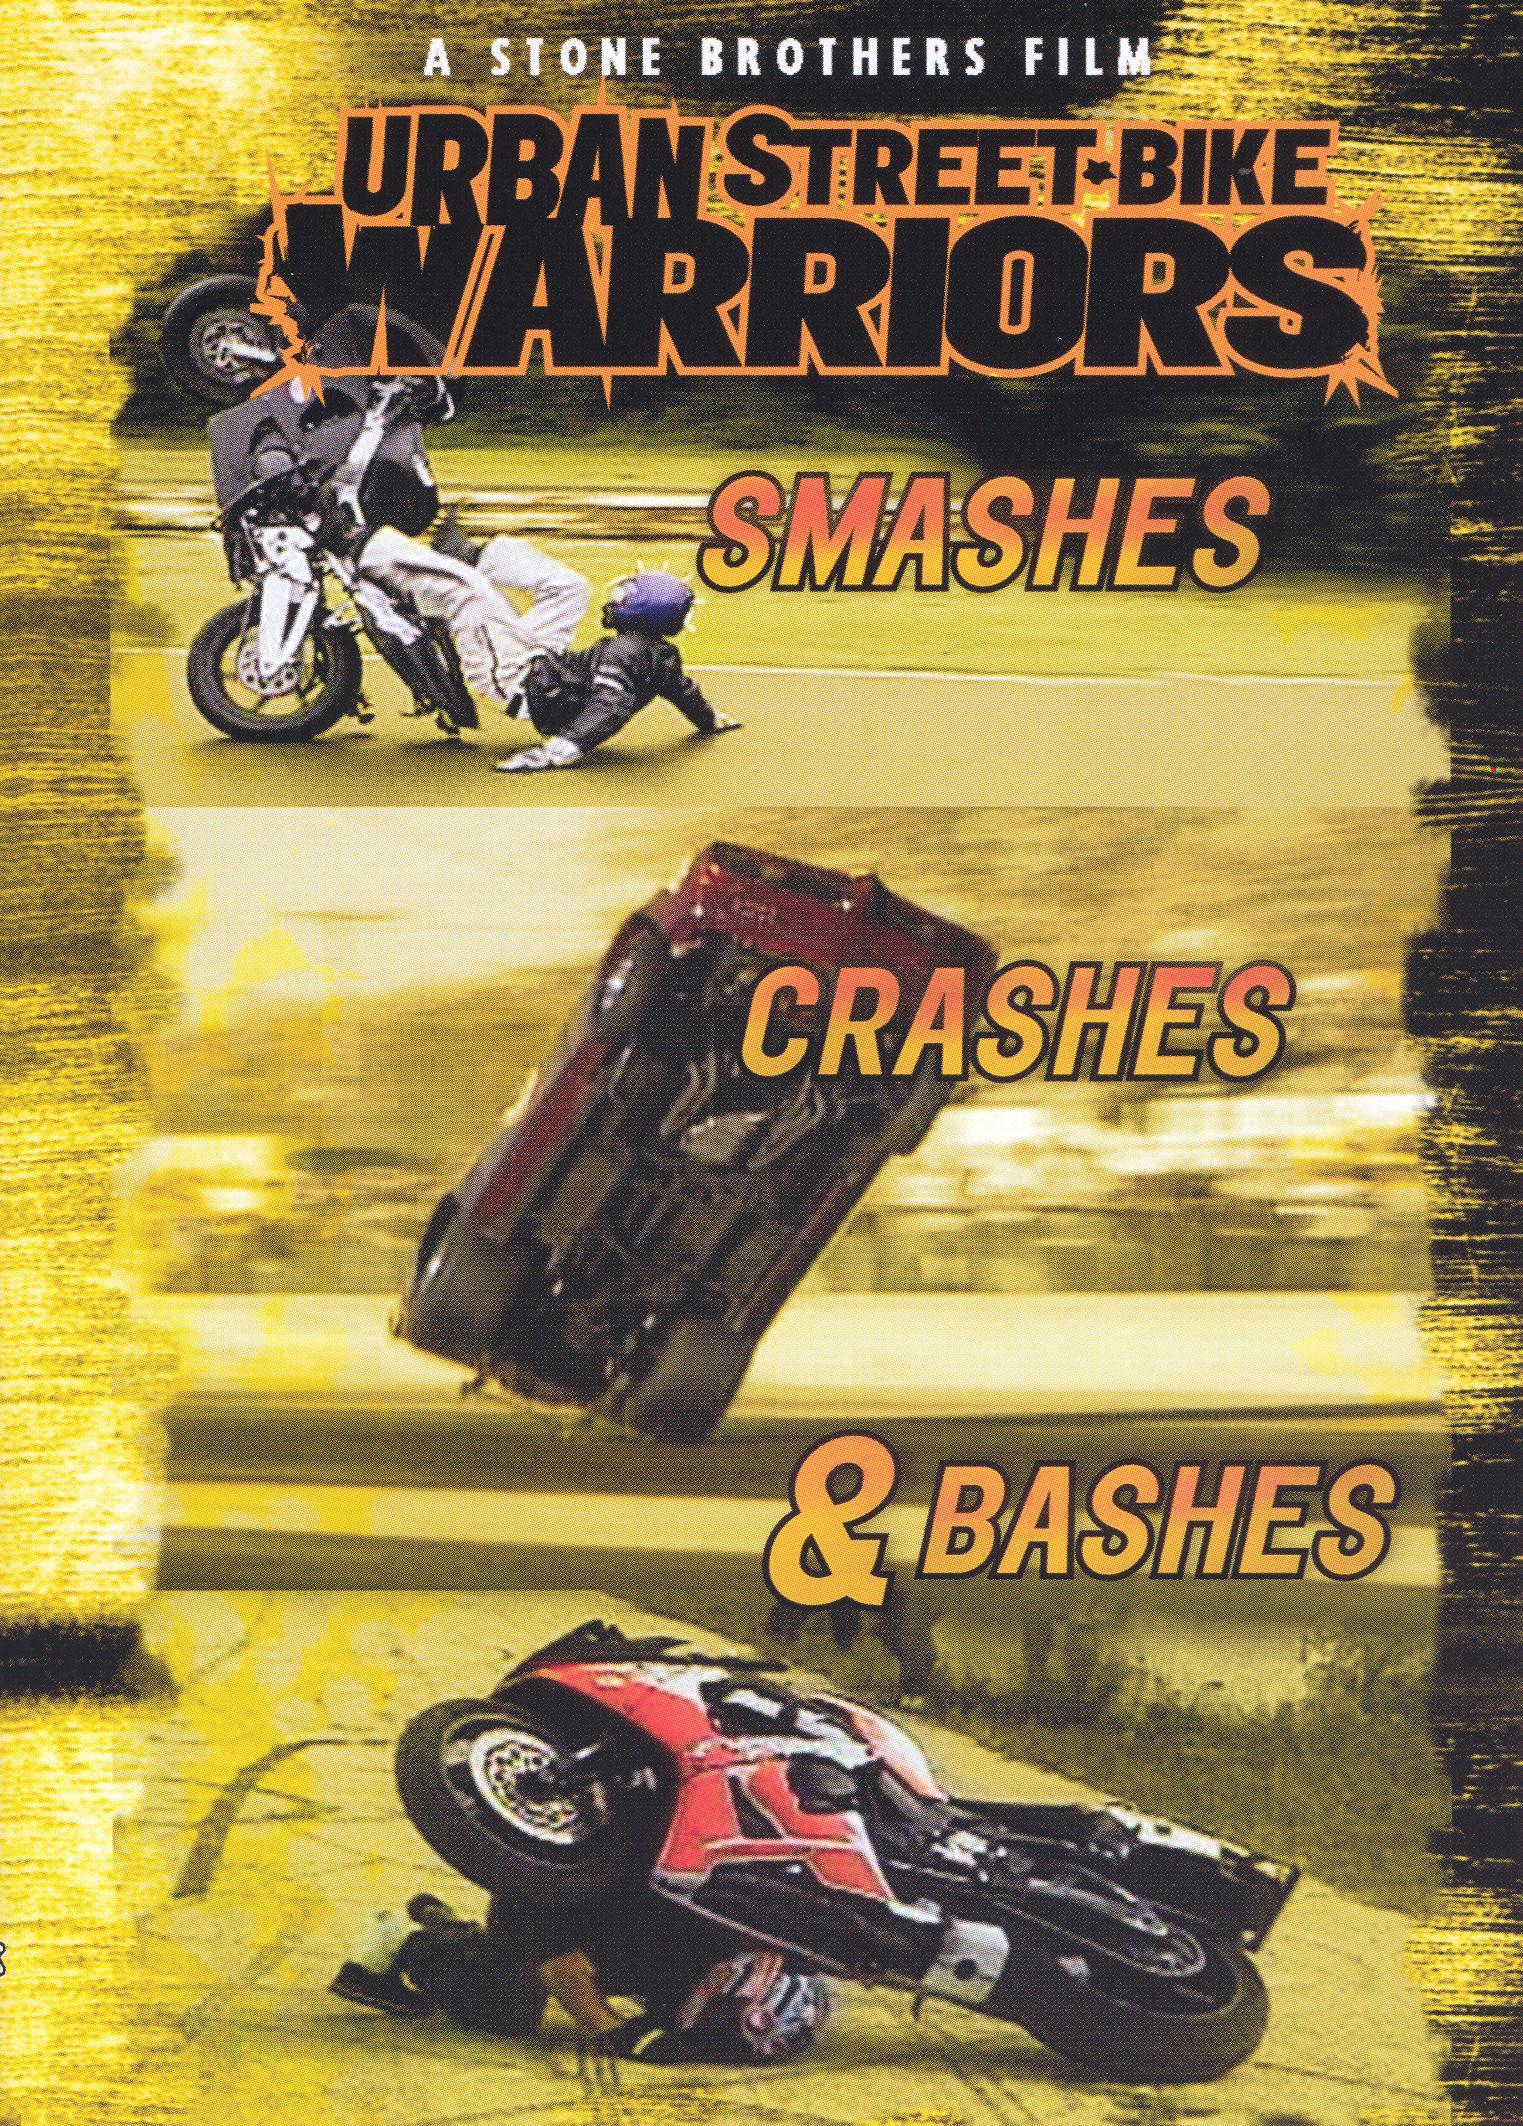 Urban Street-Bike Warriors: Smashes, Bashes, Crashes